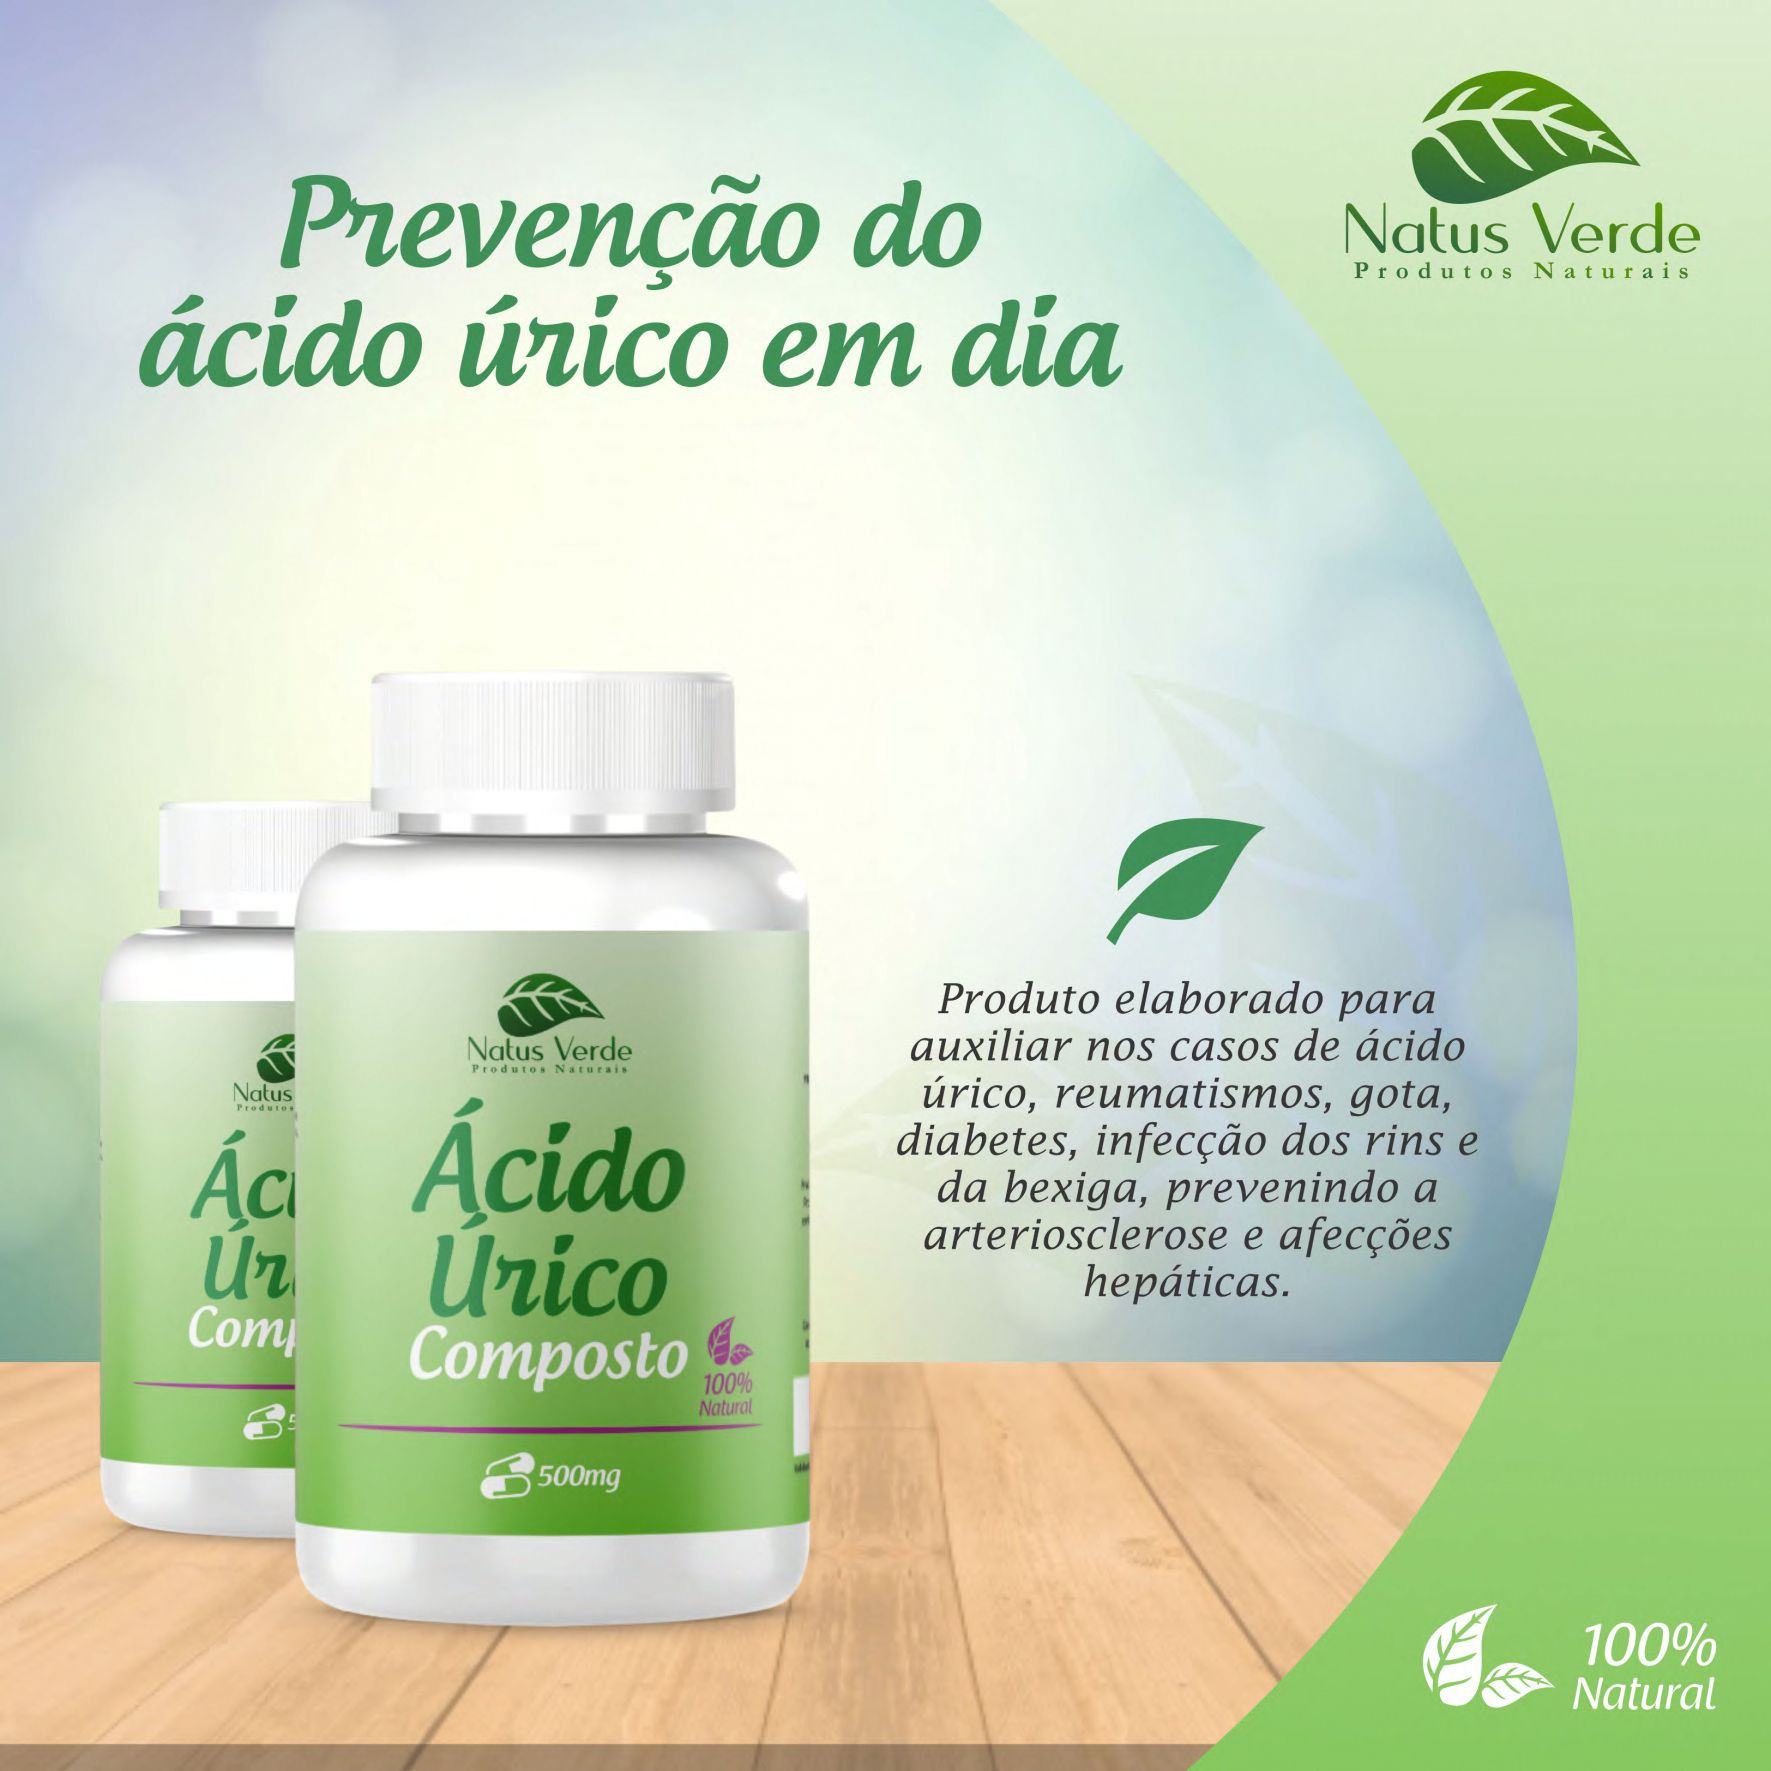 Composto Ácido Úrico Produtos naturais Natus Verdes 60 caps  - Fribasex - Fabricasex.com